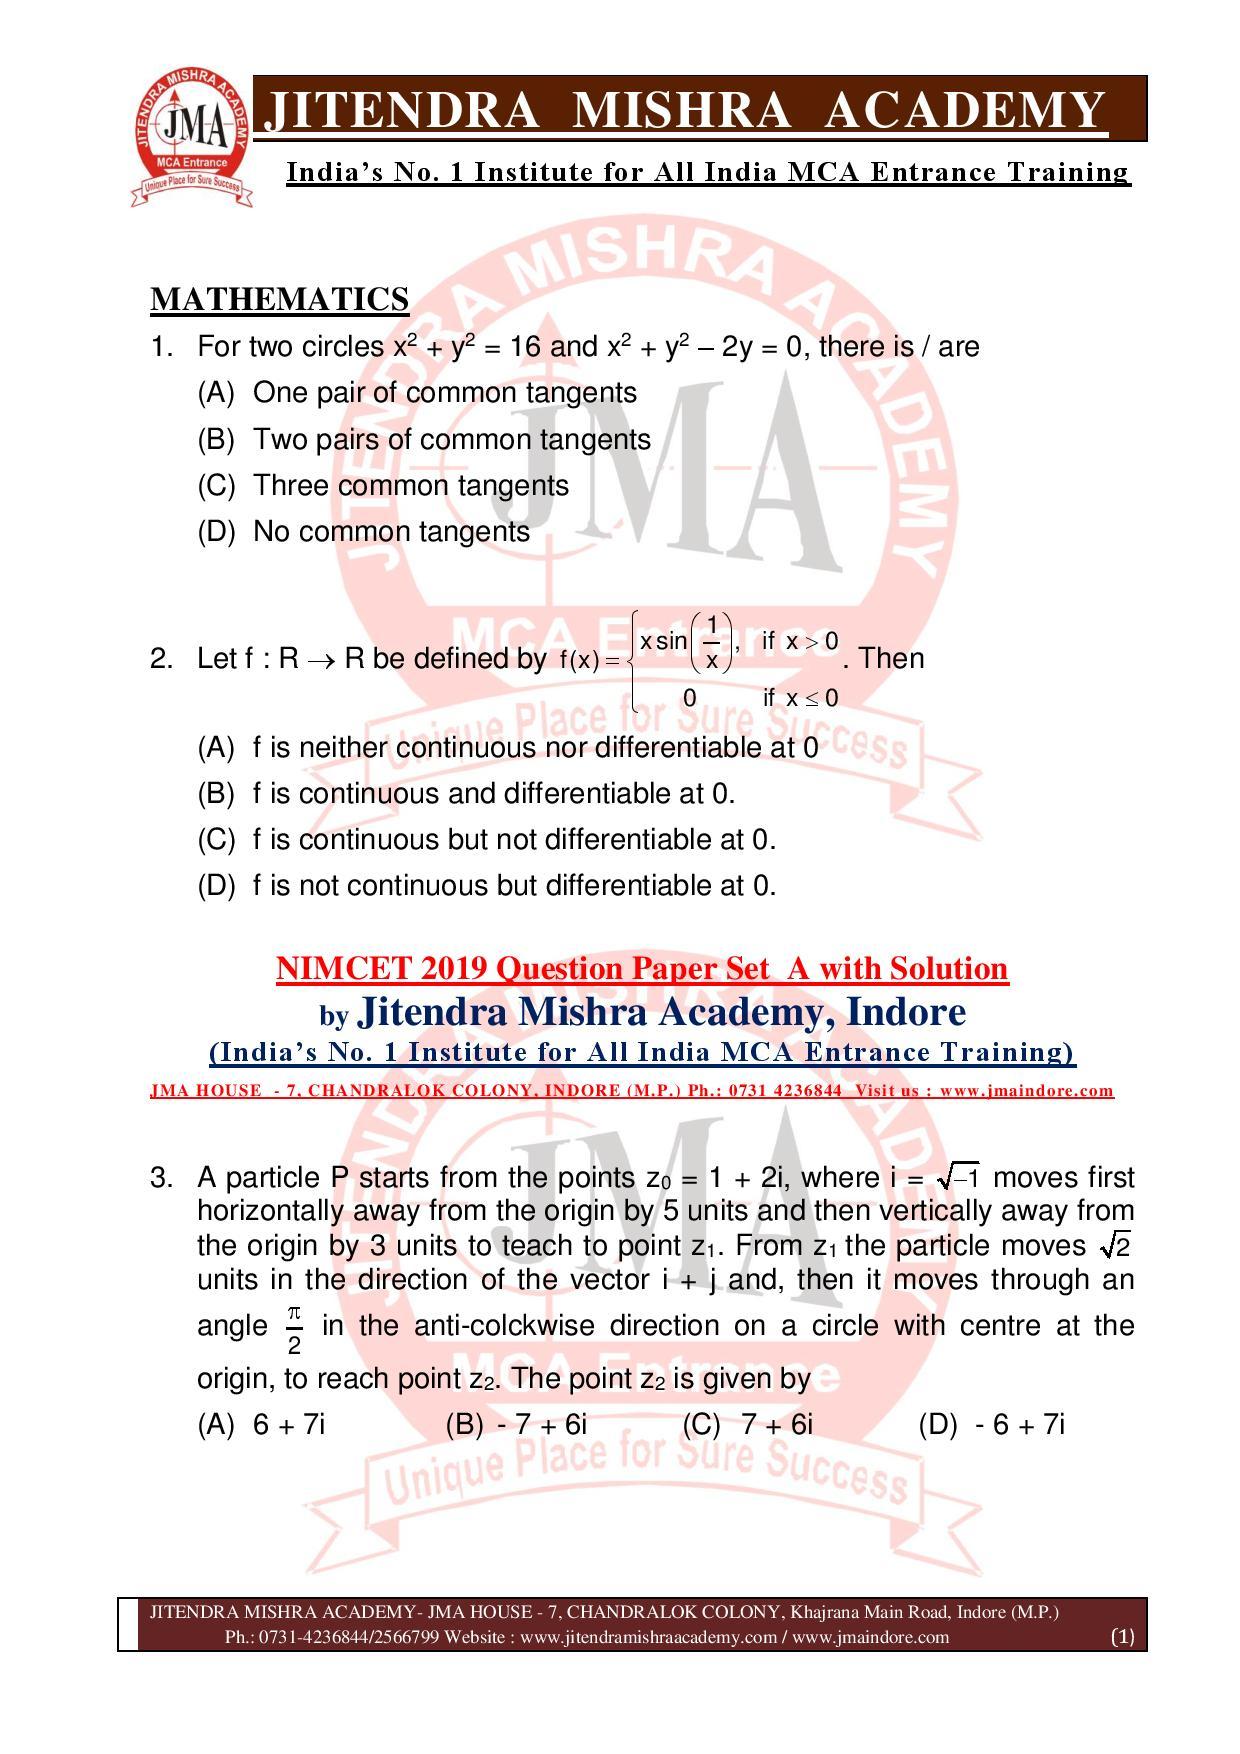 NIMCET 2019 QUESTION PAPER (SET - A) final-page-001